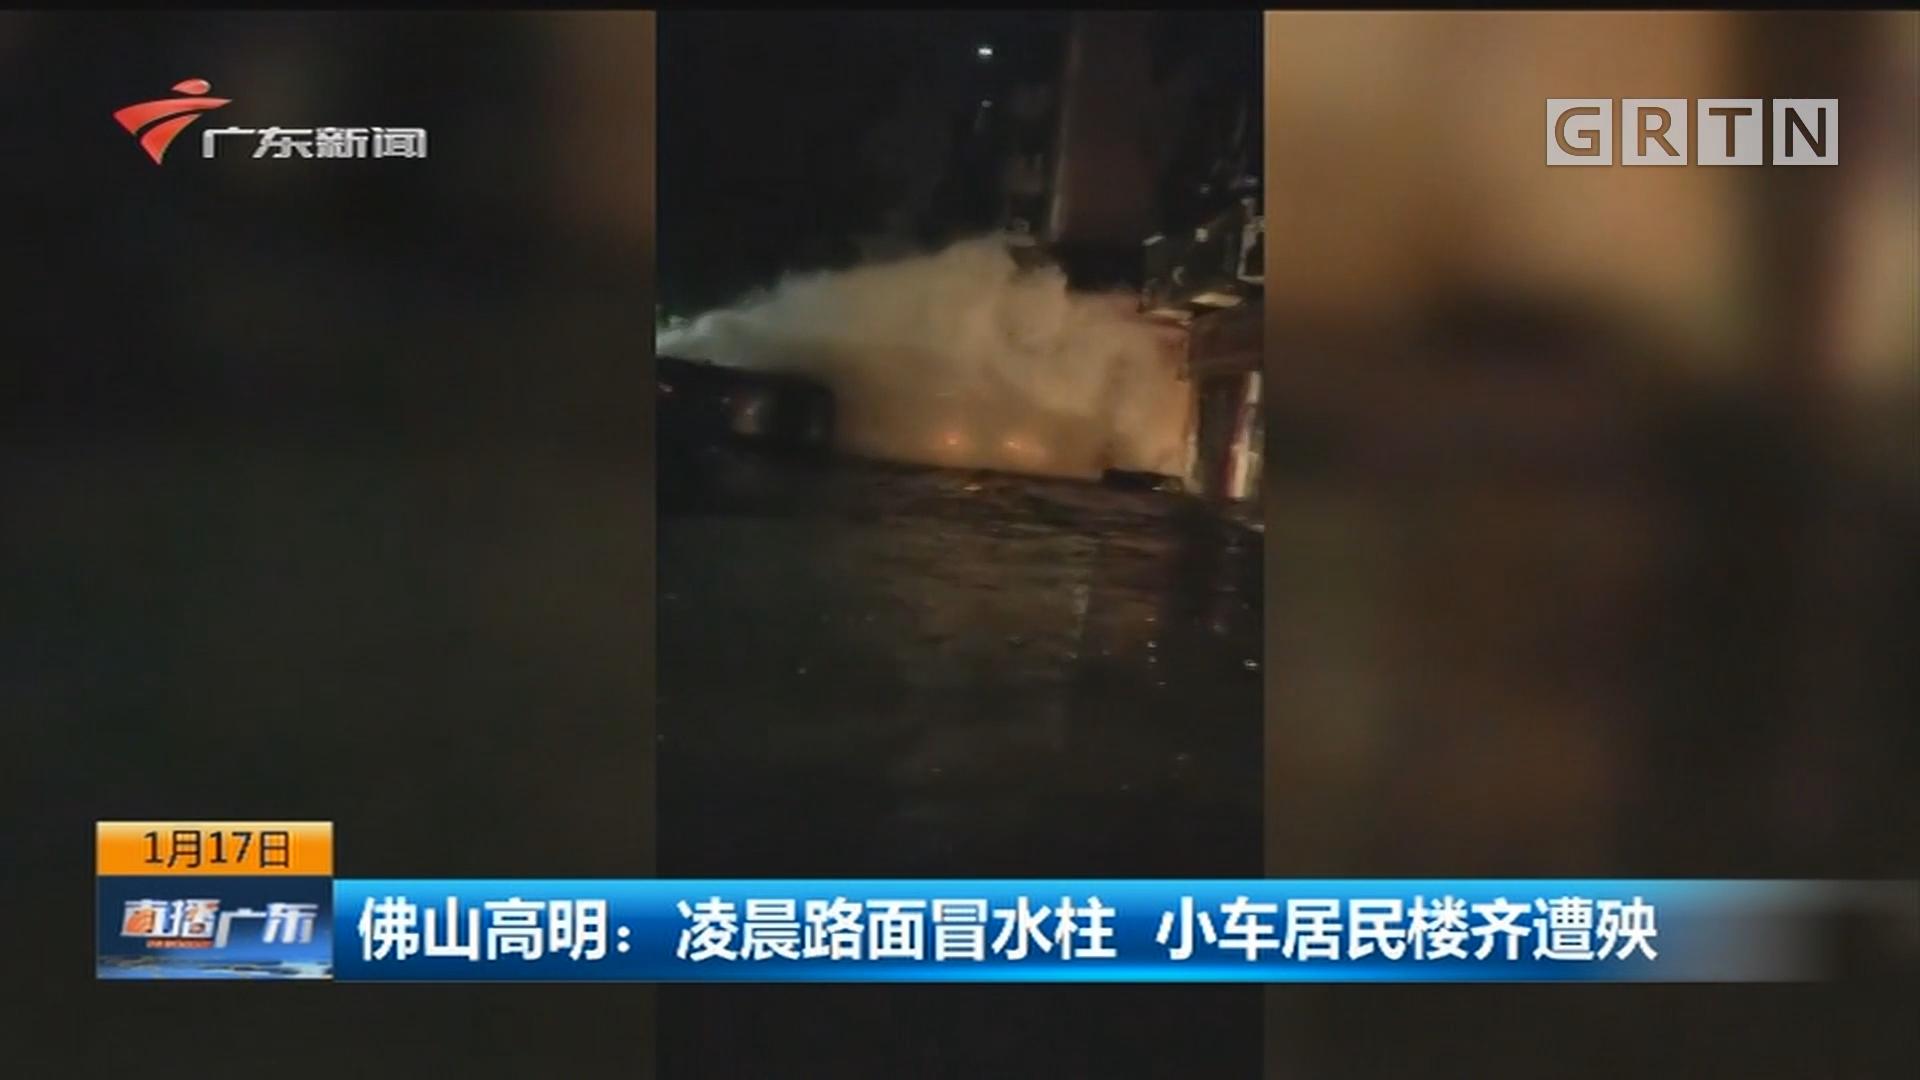 佛山高明:凌晨路面冒水柱 小车居民楼齐遭殃